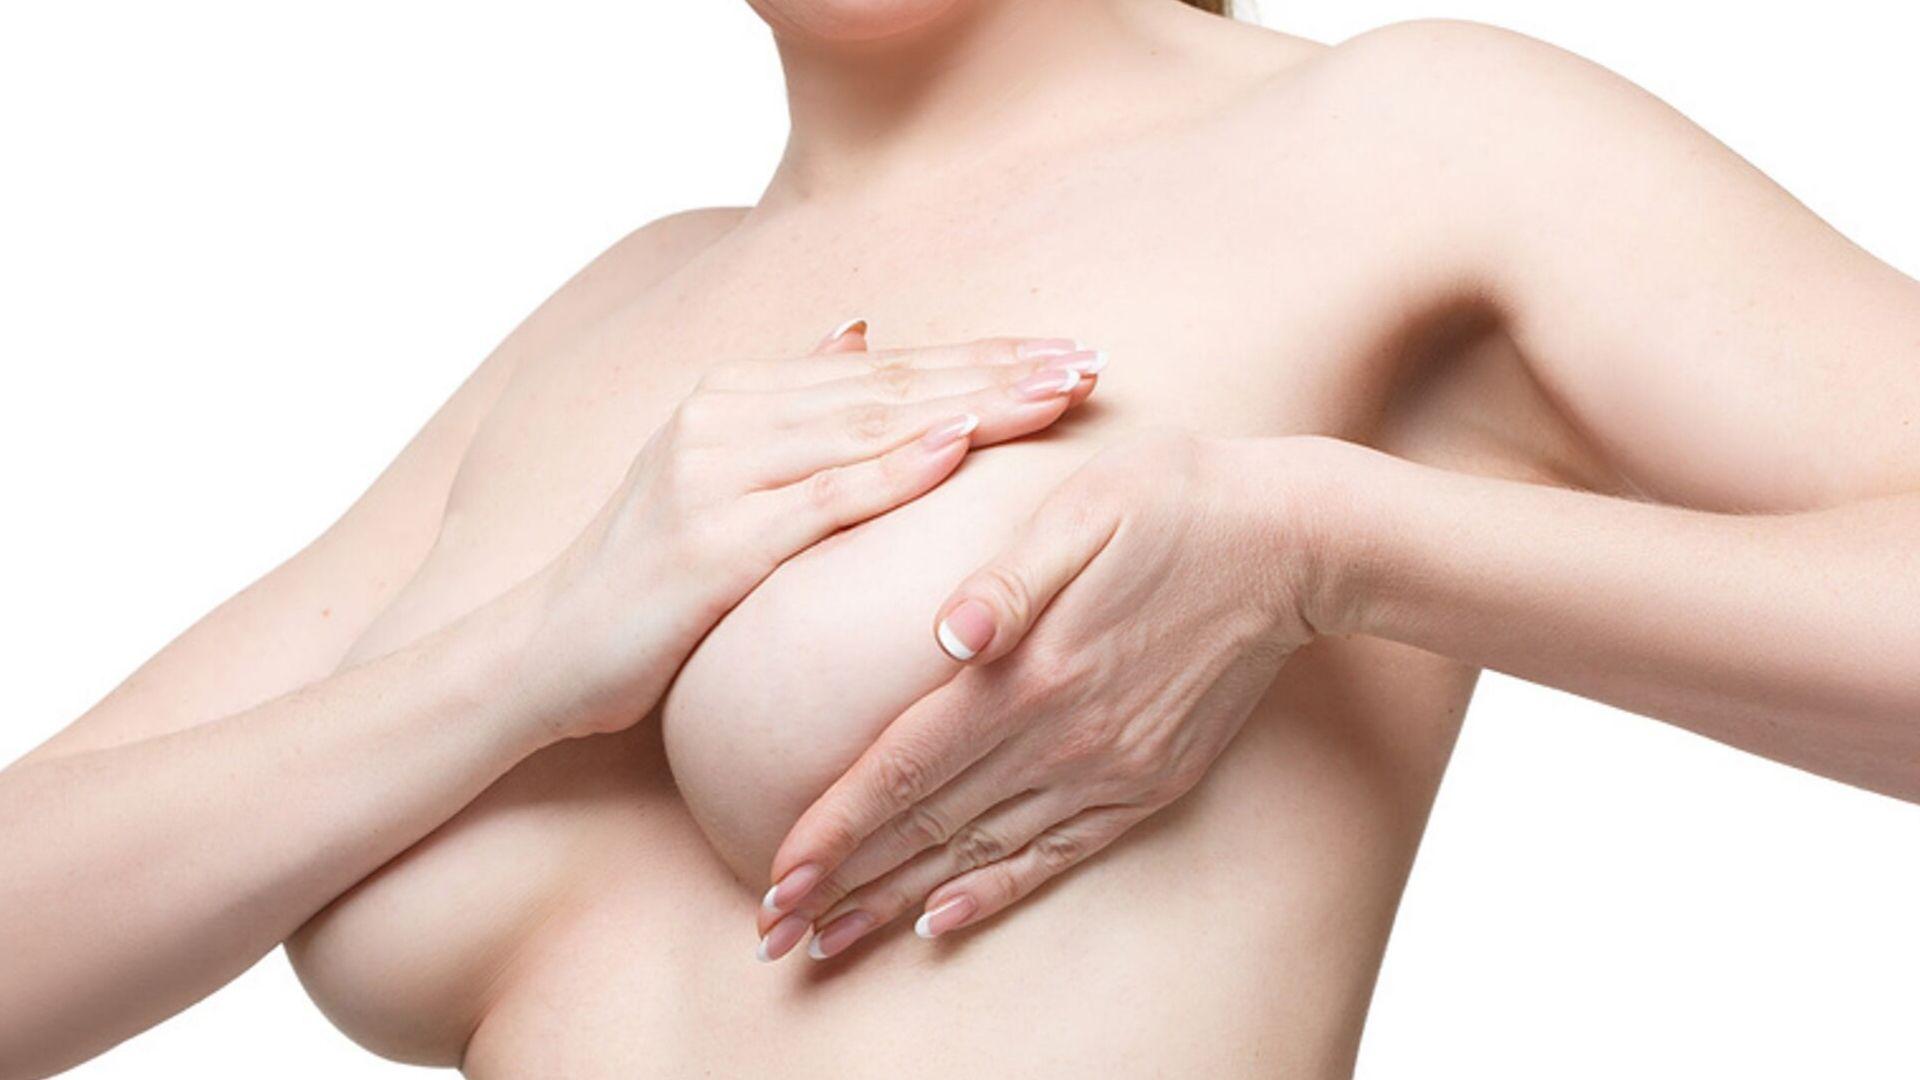 Brustkrebsvorsorge: Frau tastet ihre Brust selbst ab